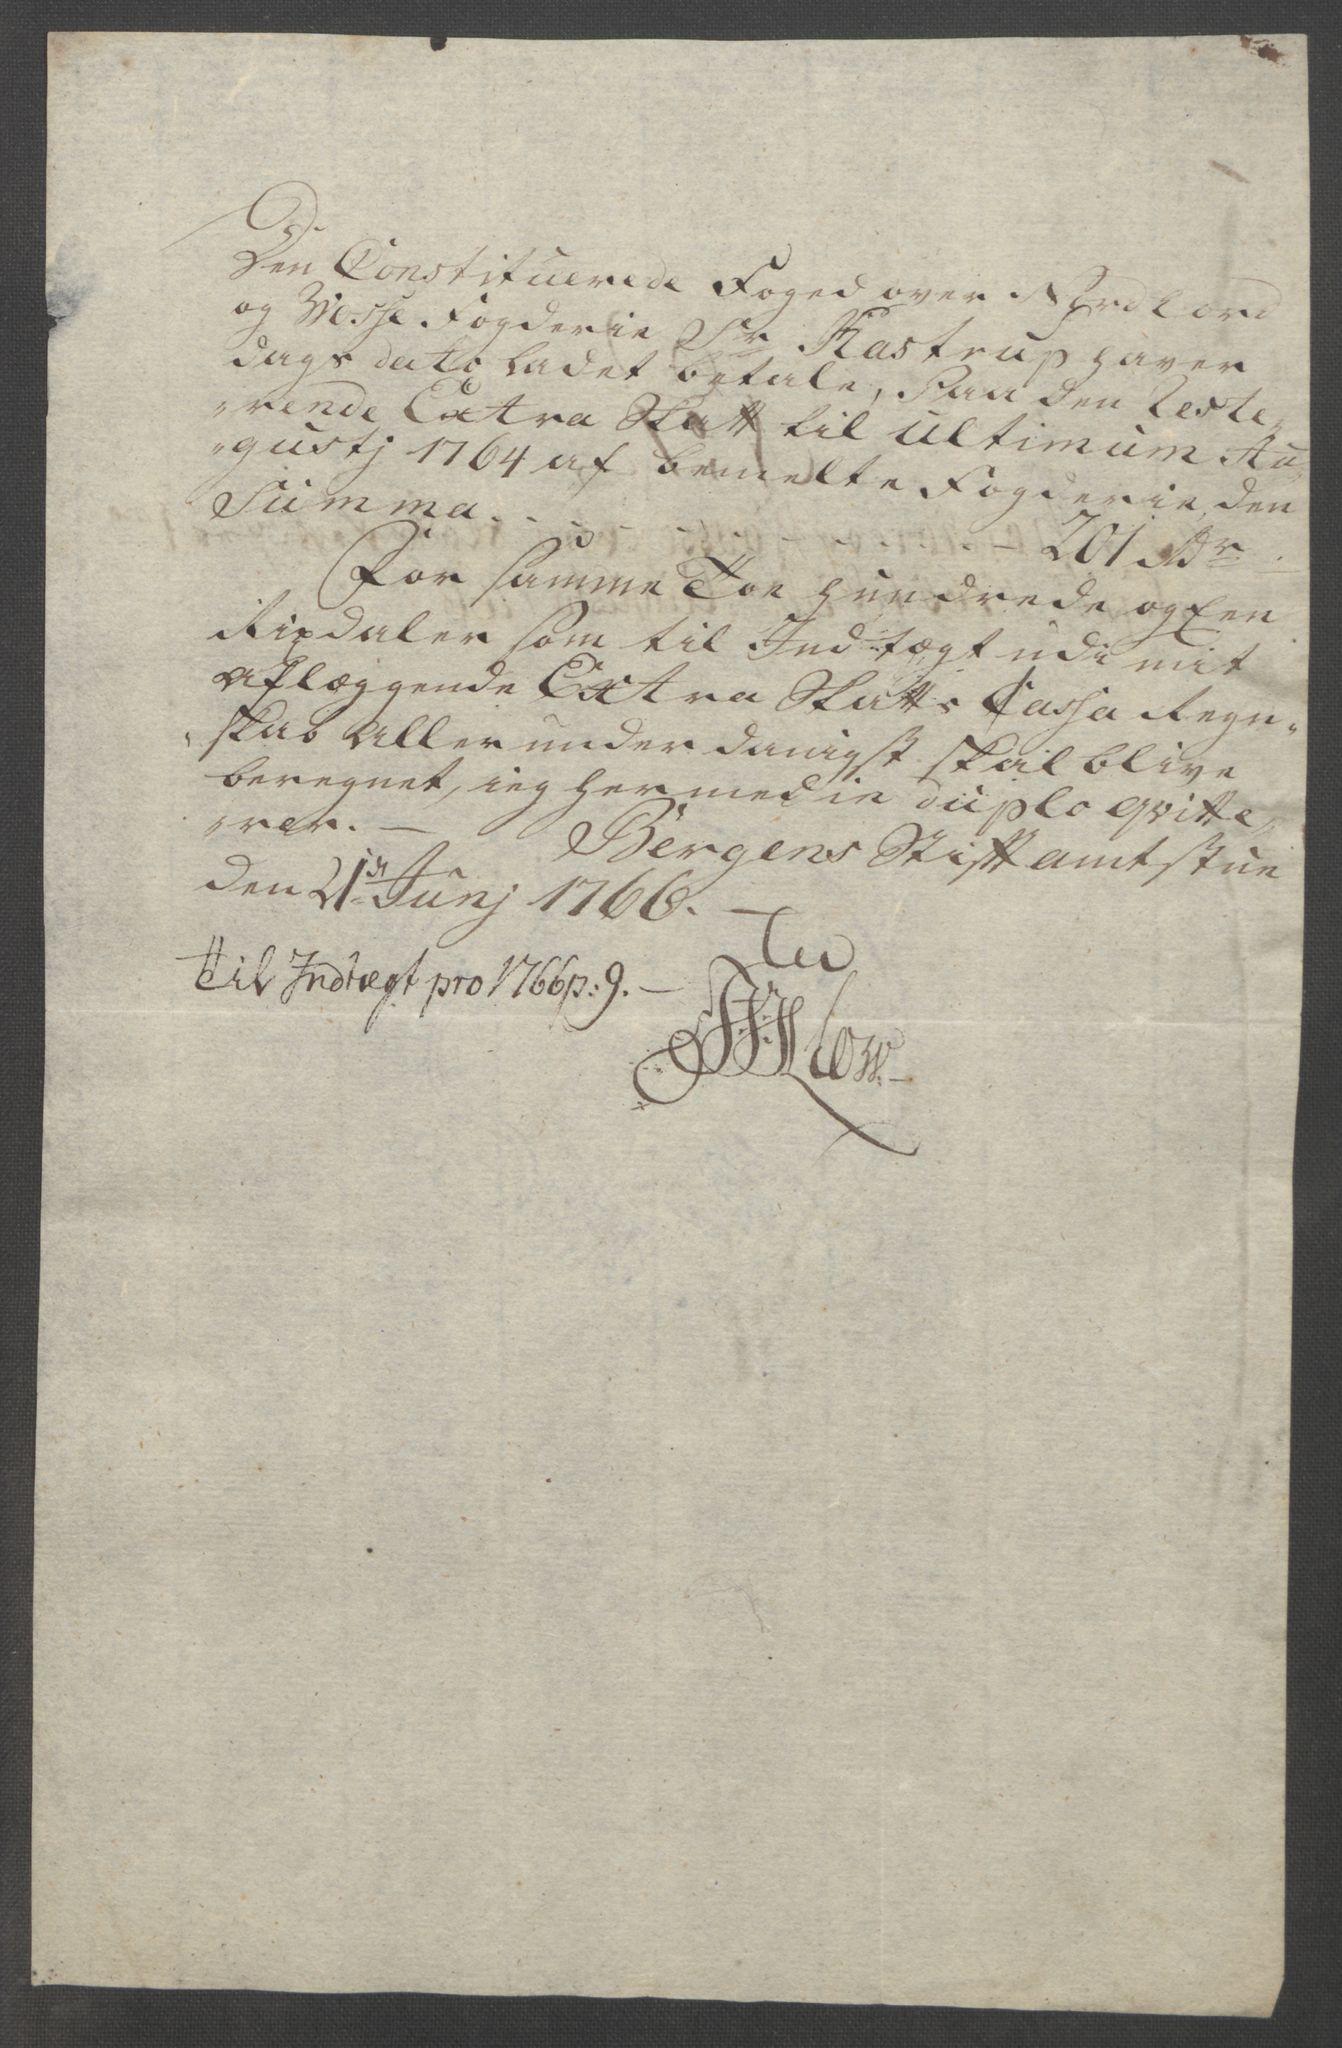 RA, Rentekammeret inntil 1814, Reviderte regnskaper, Fogderegnskap, R51/L3303: Ekstraskatten Nordhordland og Voss, 1762-1772, s. 128